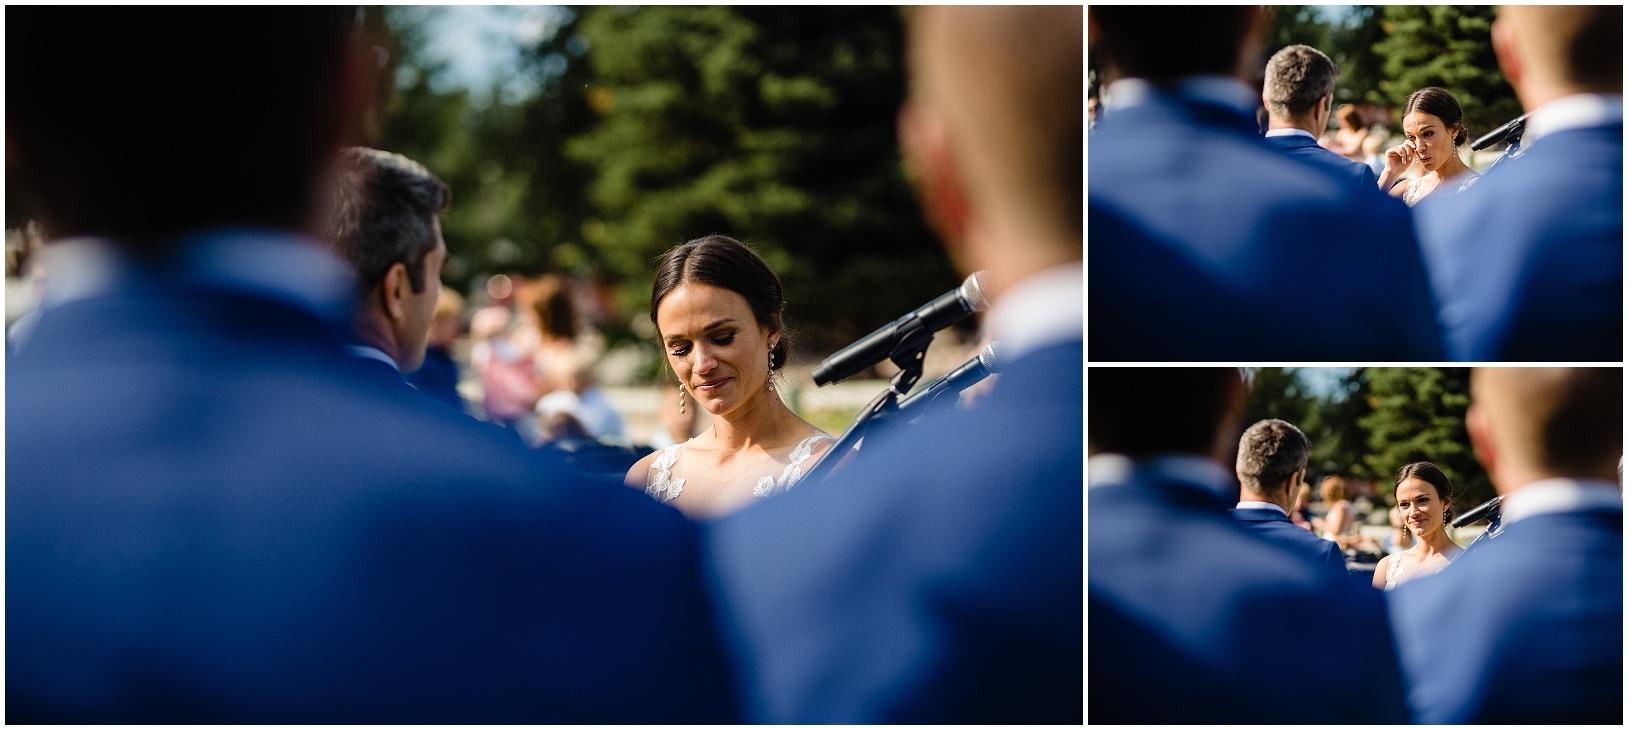 lindseyjane_weddings0086.jpg